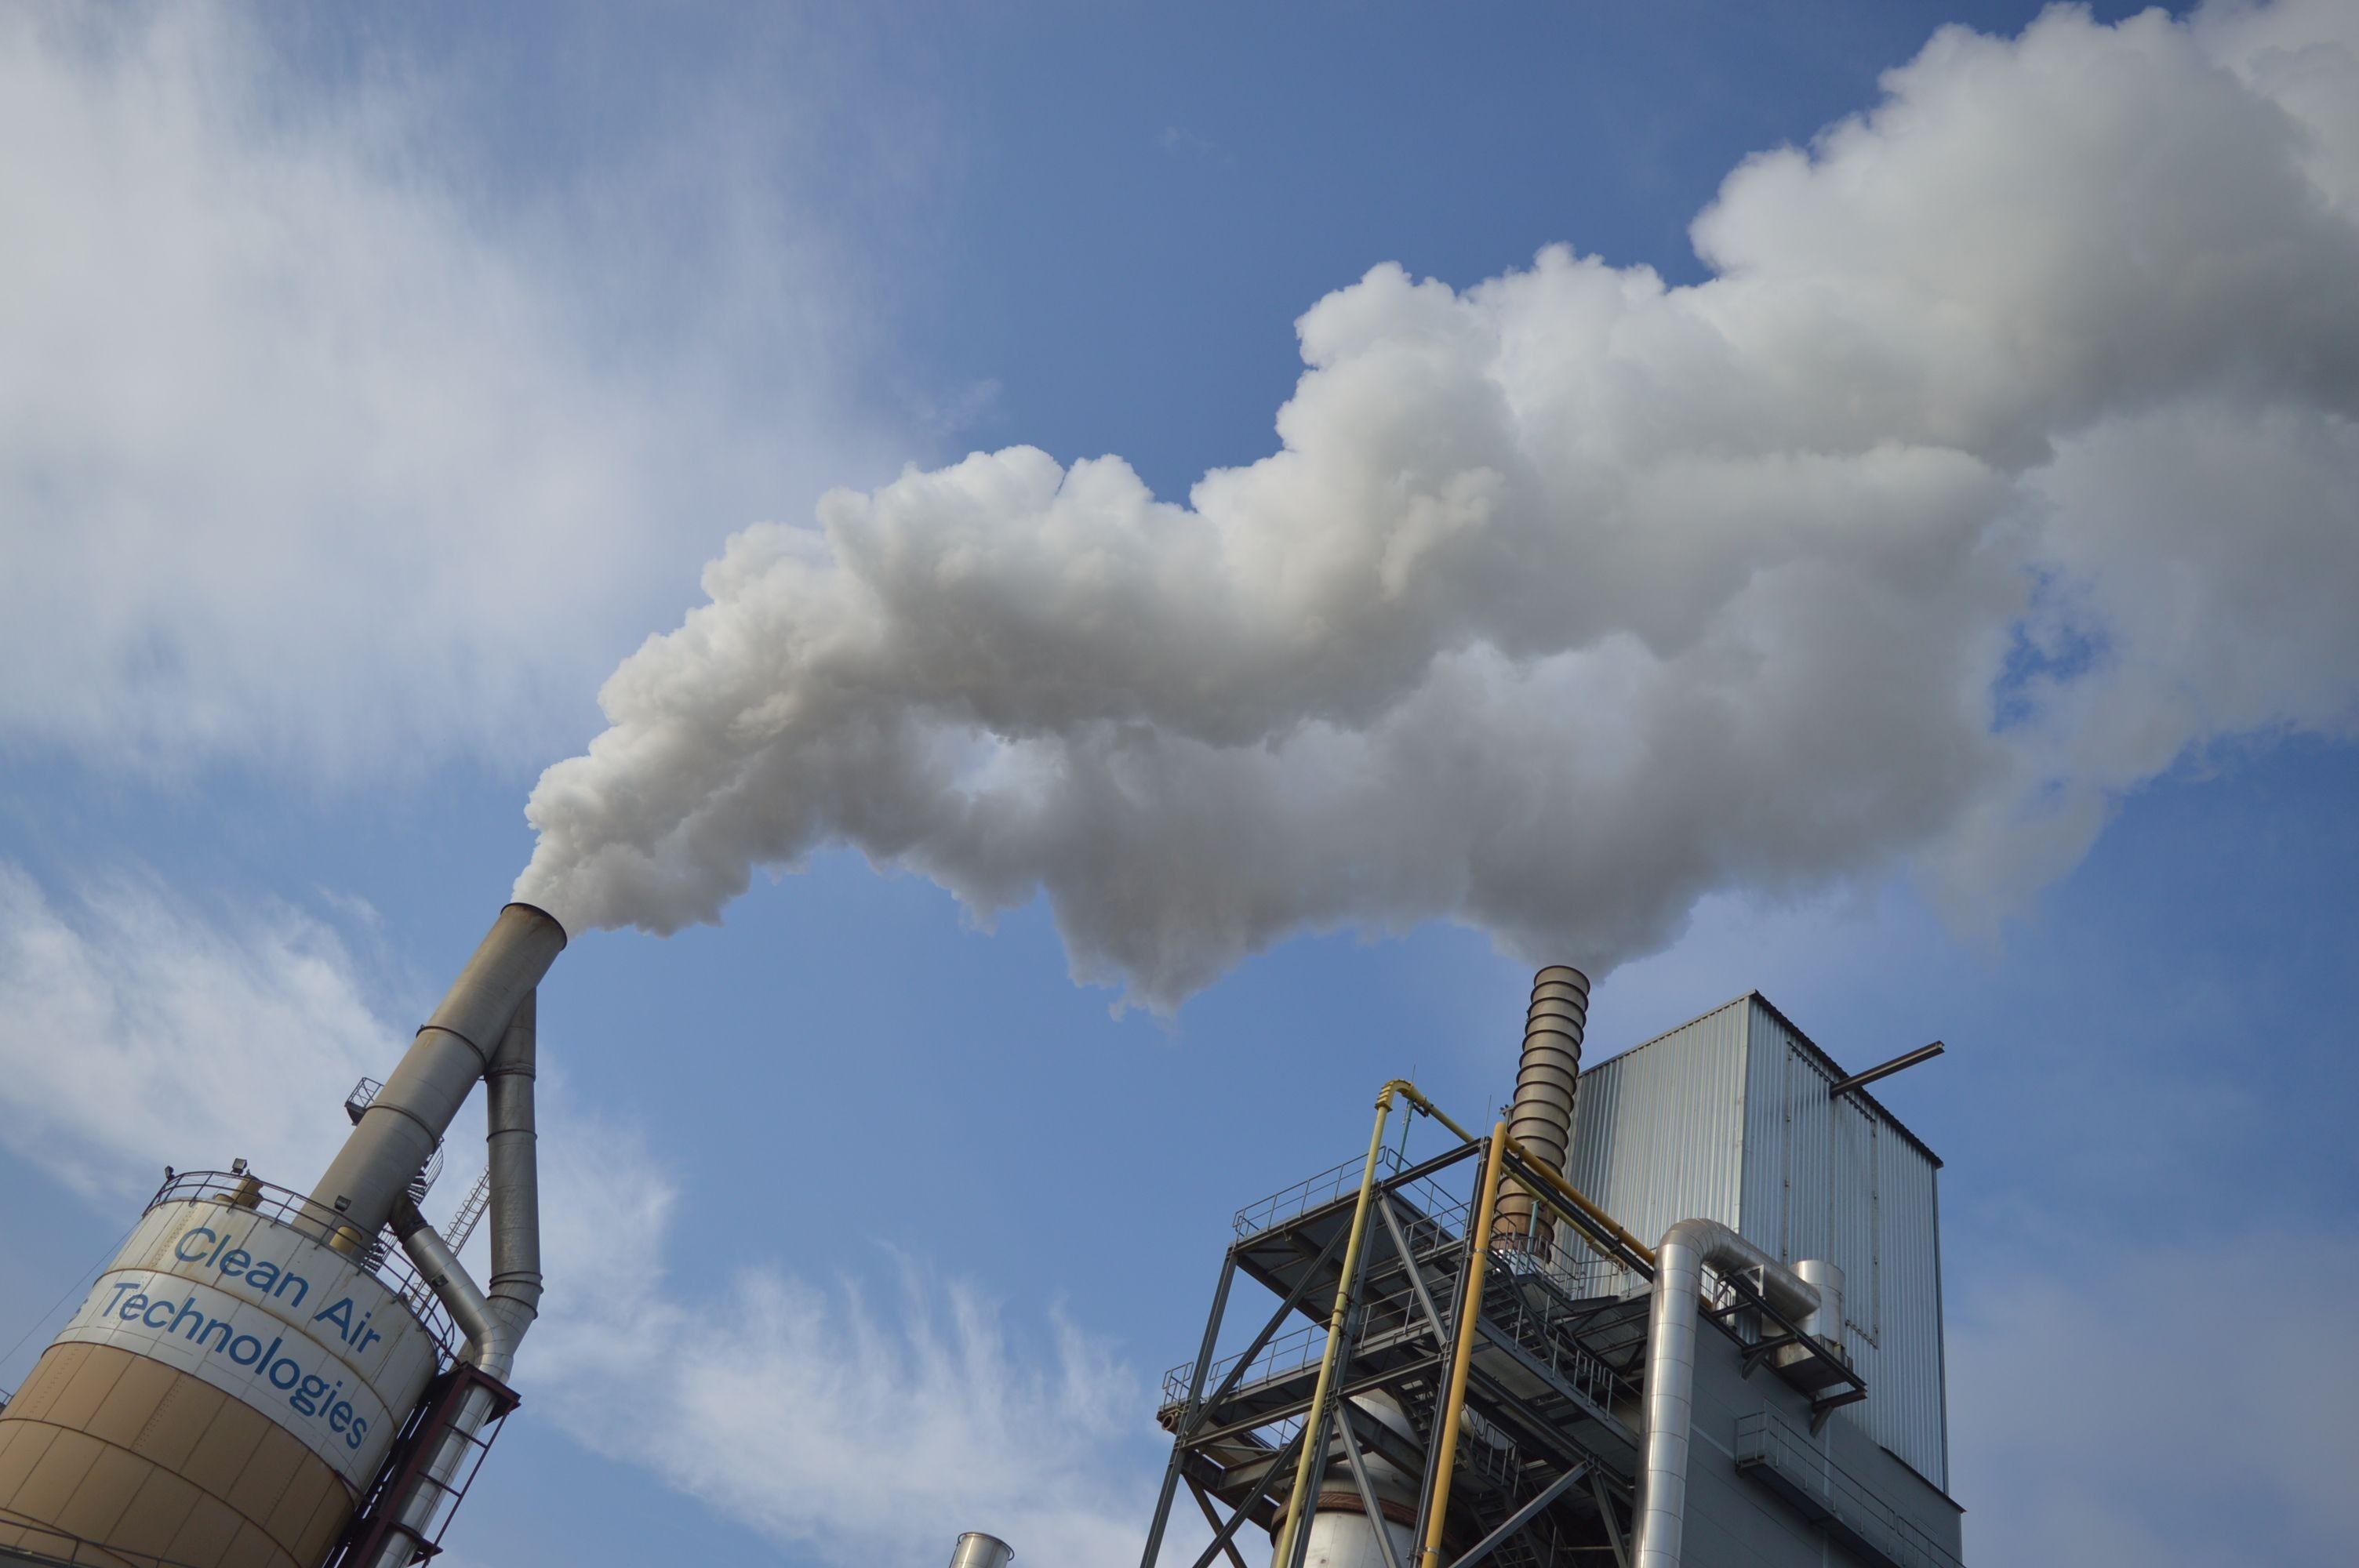 Már nem füstöl a Falco gyár régi kéménye Szombathelyen